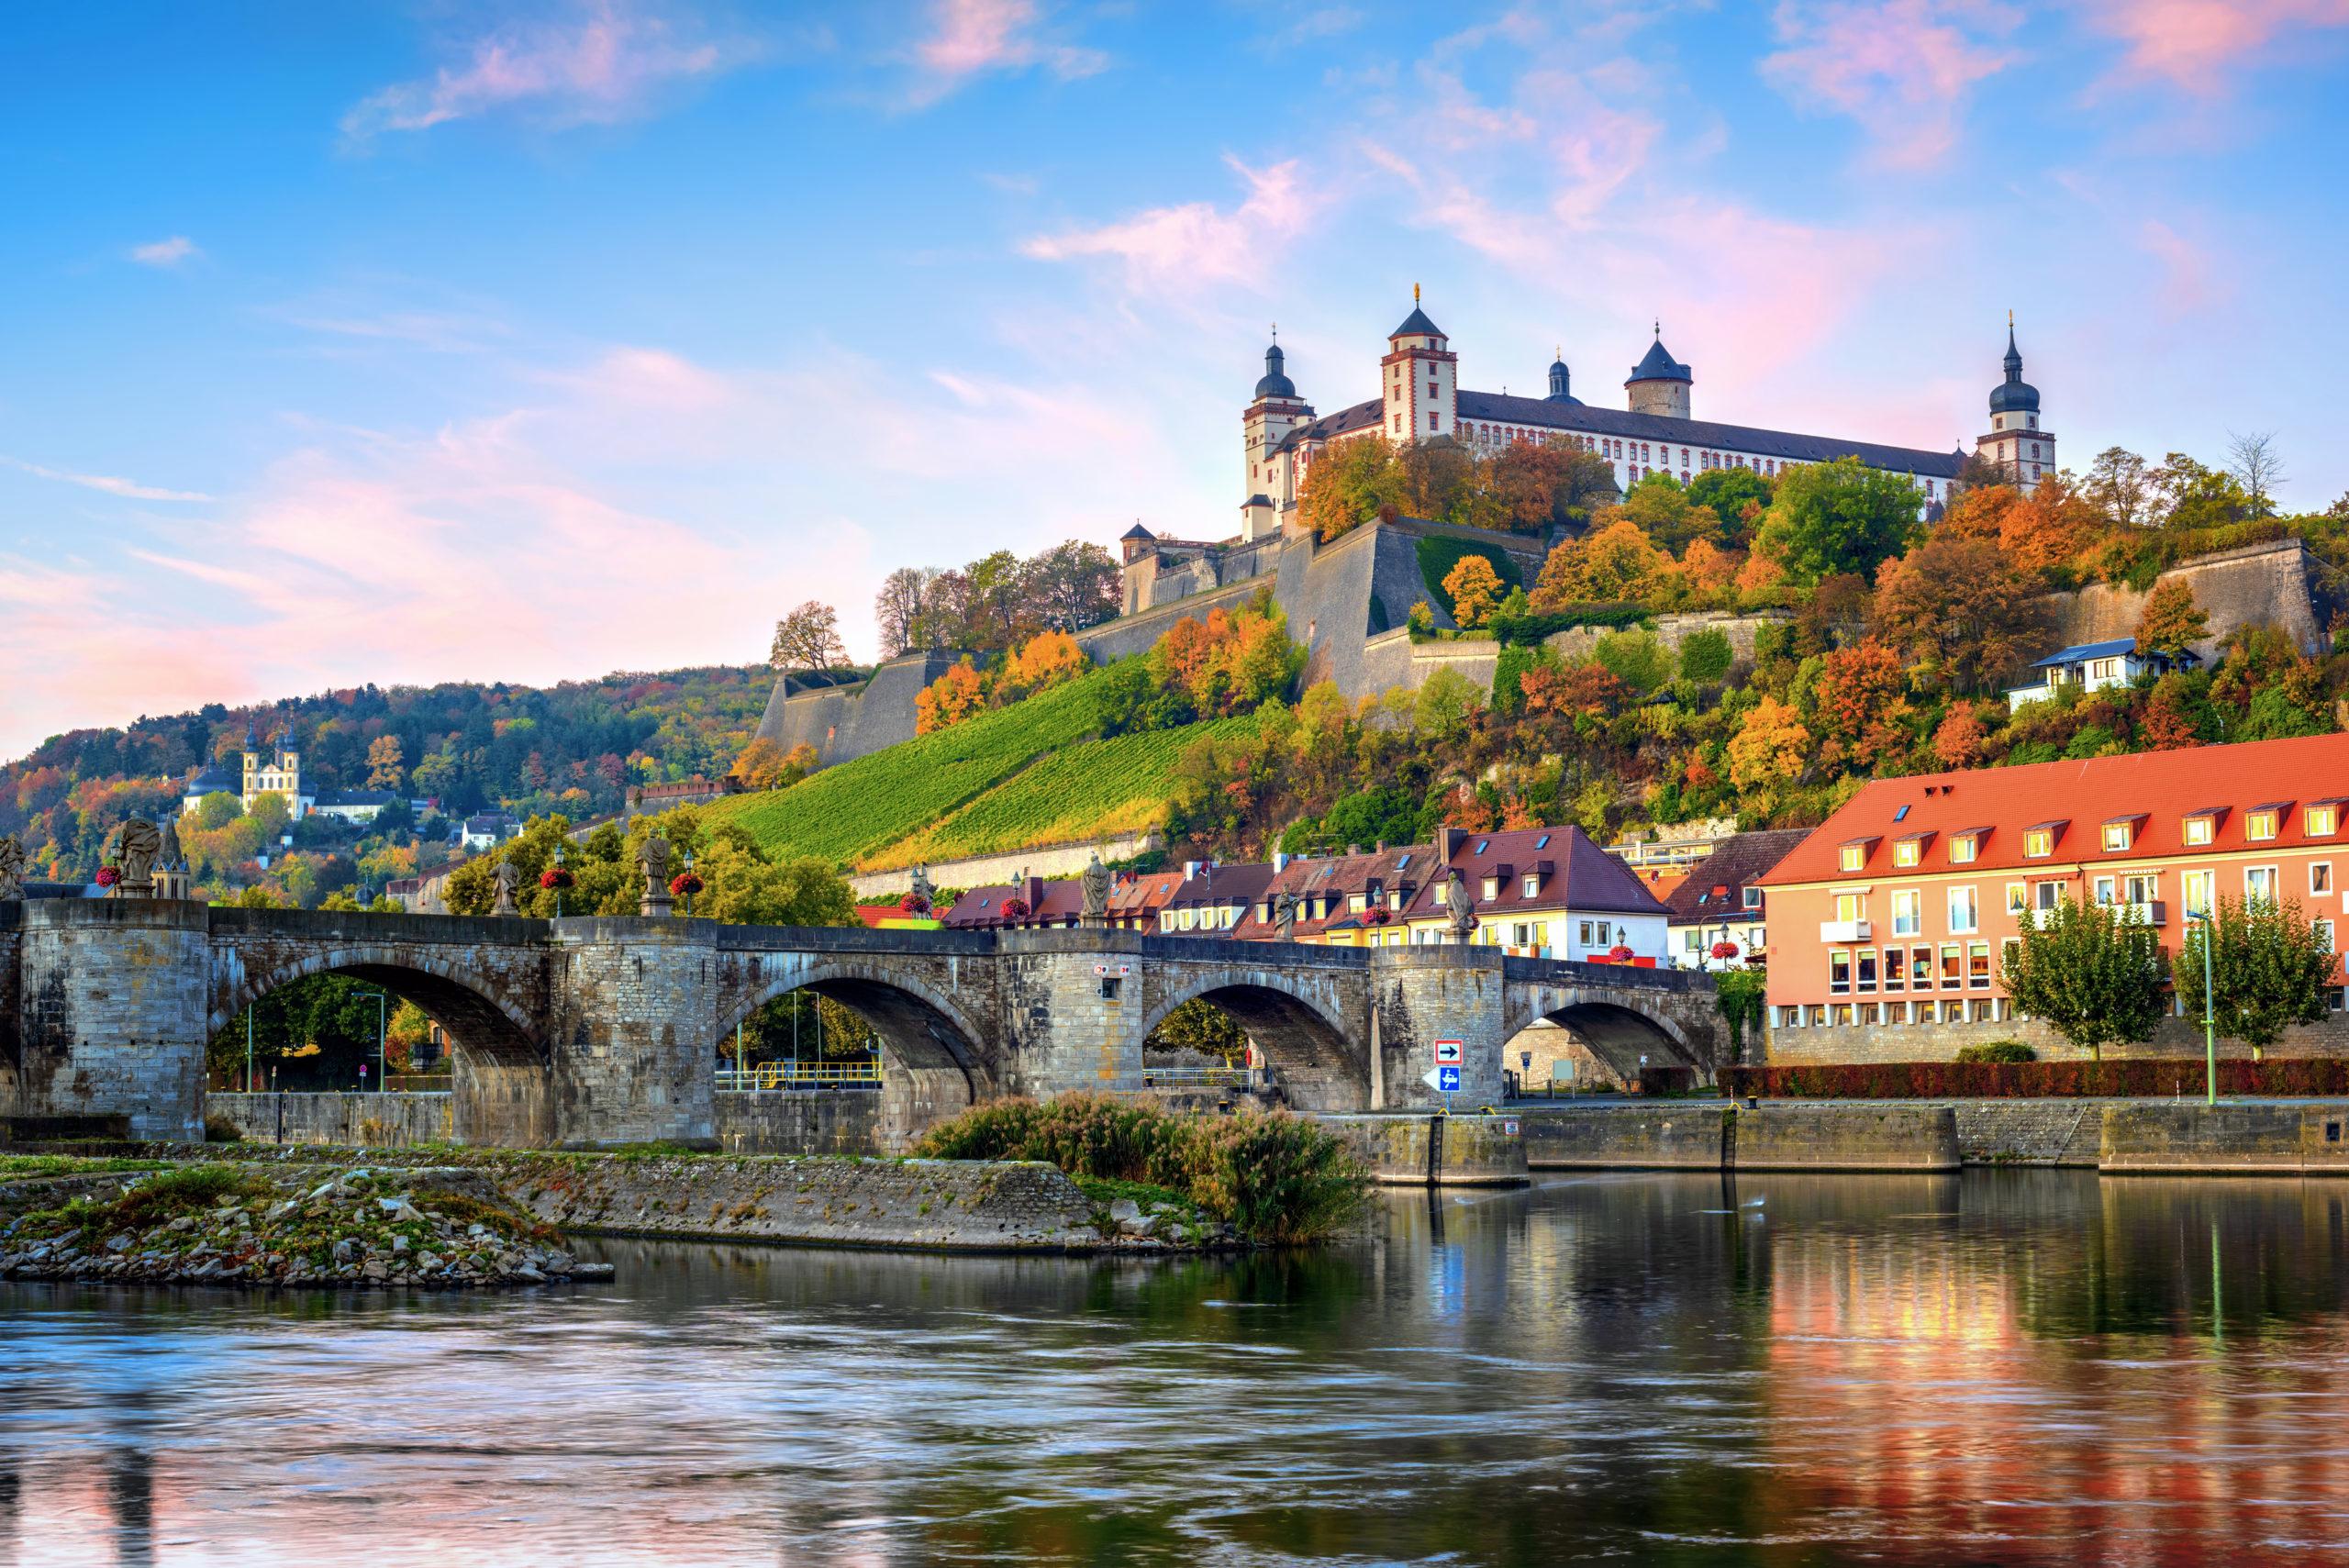 Haushaltsauflösung und Entrümpelung in Würzburg